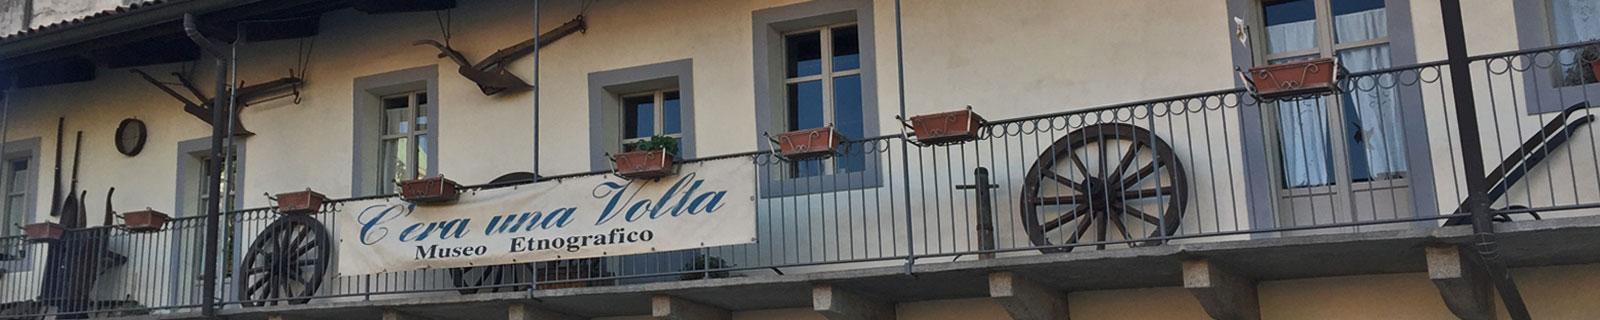 Immagine di testata: facciata museo Etnografico della Gambarina